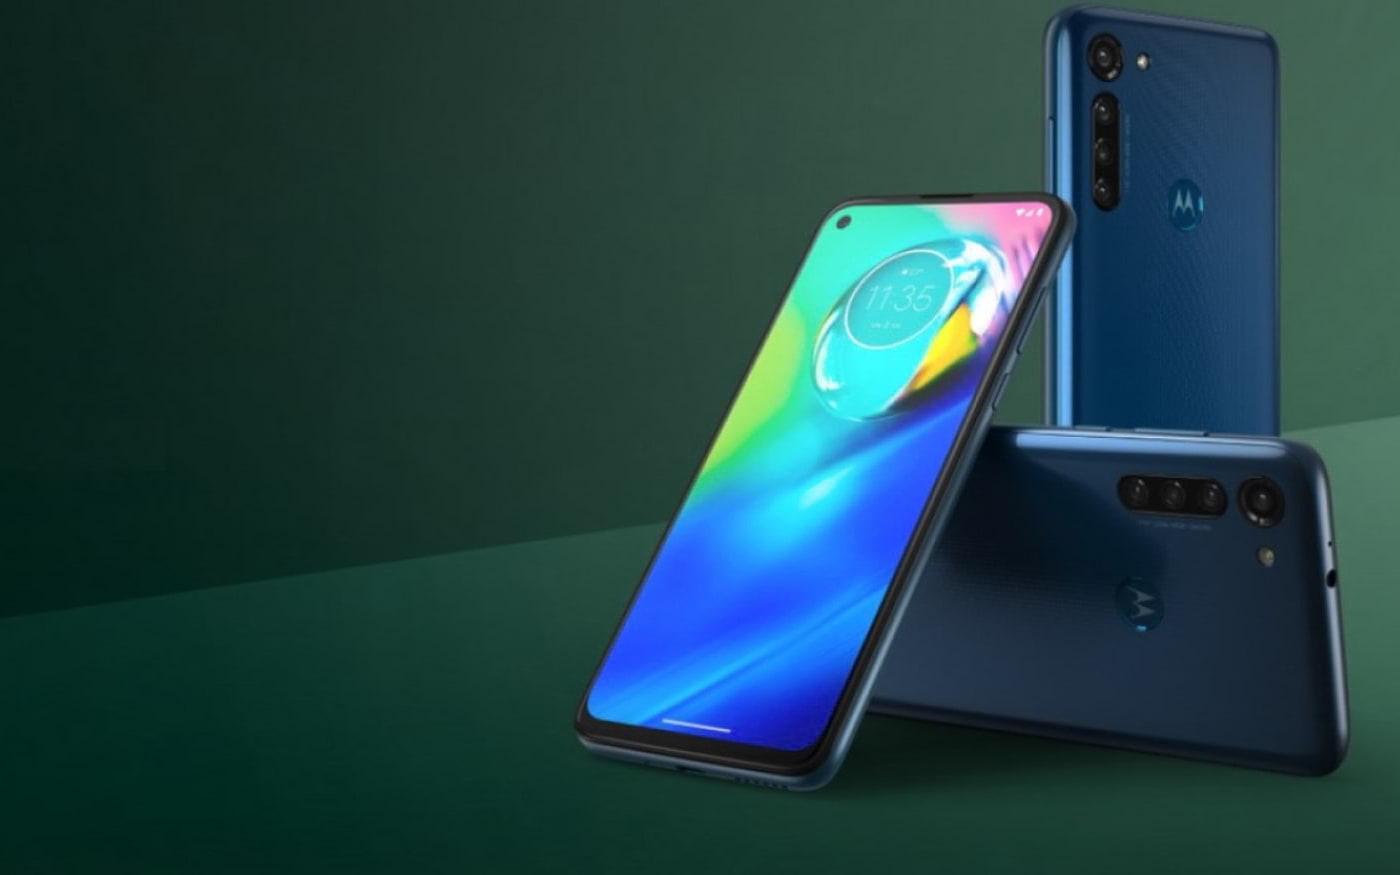 Motorola teatas Moto G8 Powerist, millel on 4 kaamerat ja 3 päeva aku